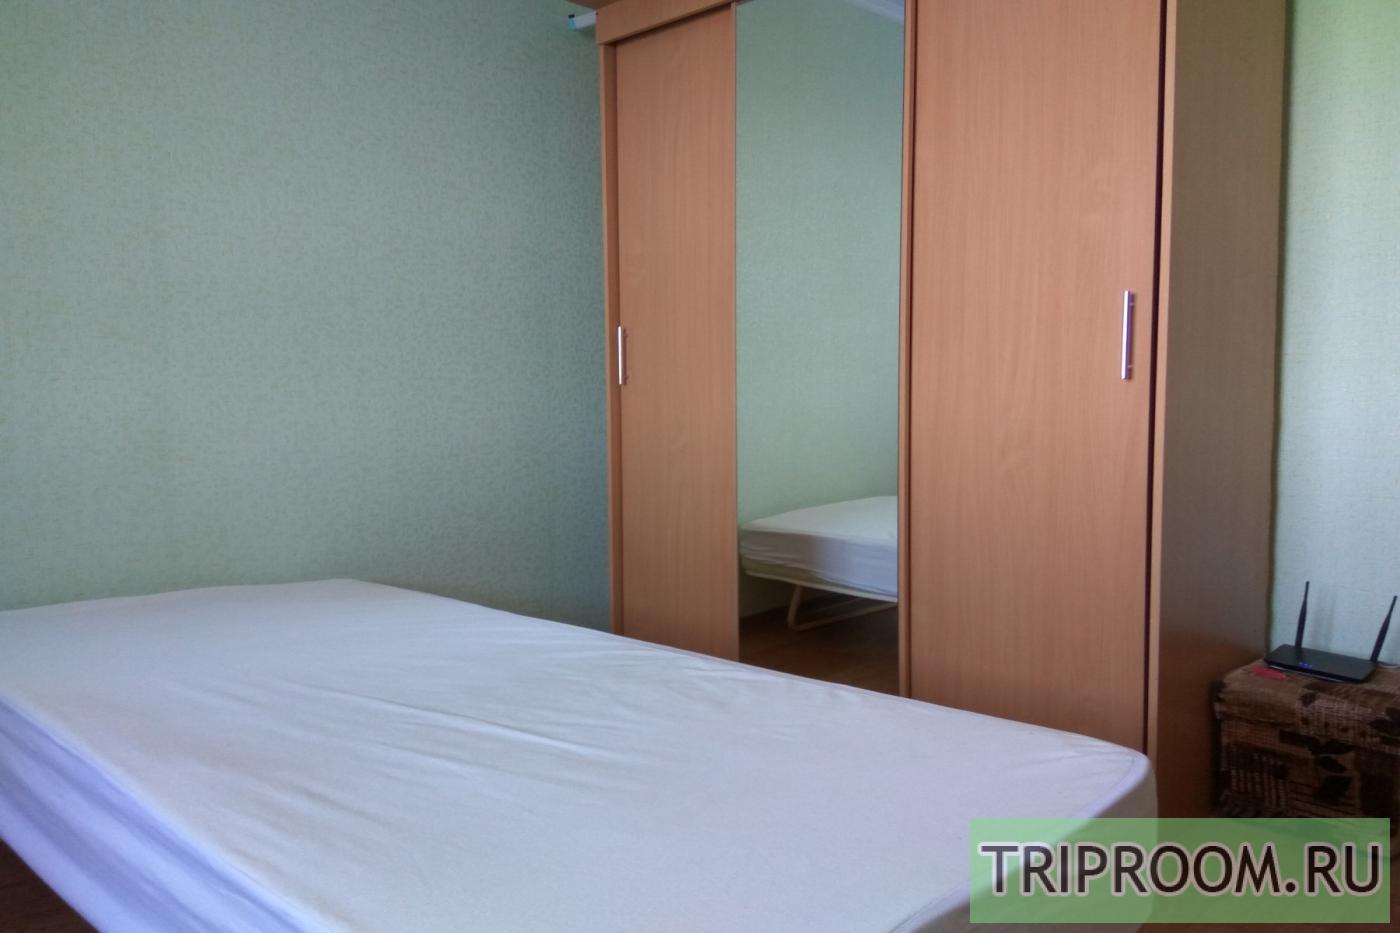 2-комнатная квартира посуточно (вариант № 6973), ул. Авиационная улица, фото № 5